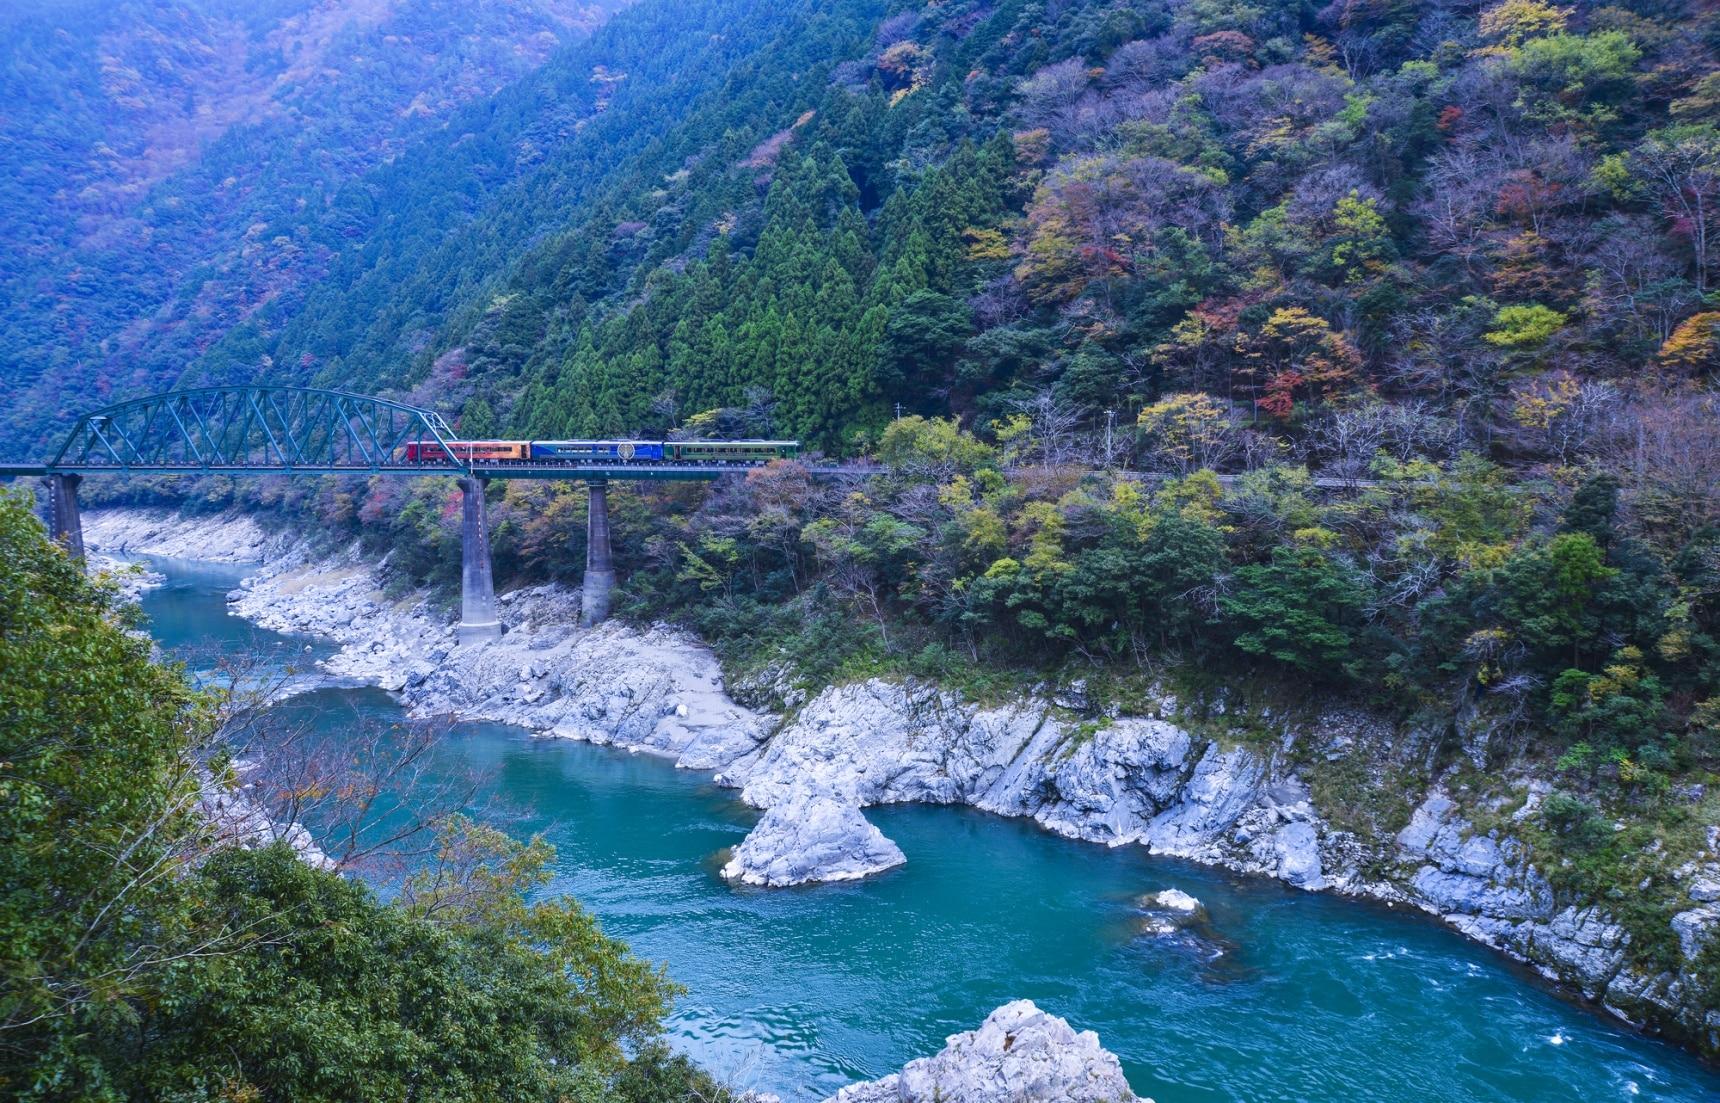 Discover Secret Scenic Spots in Japan